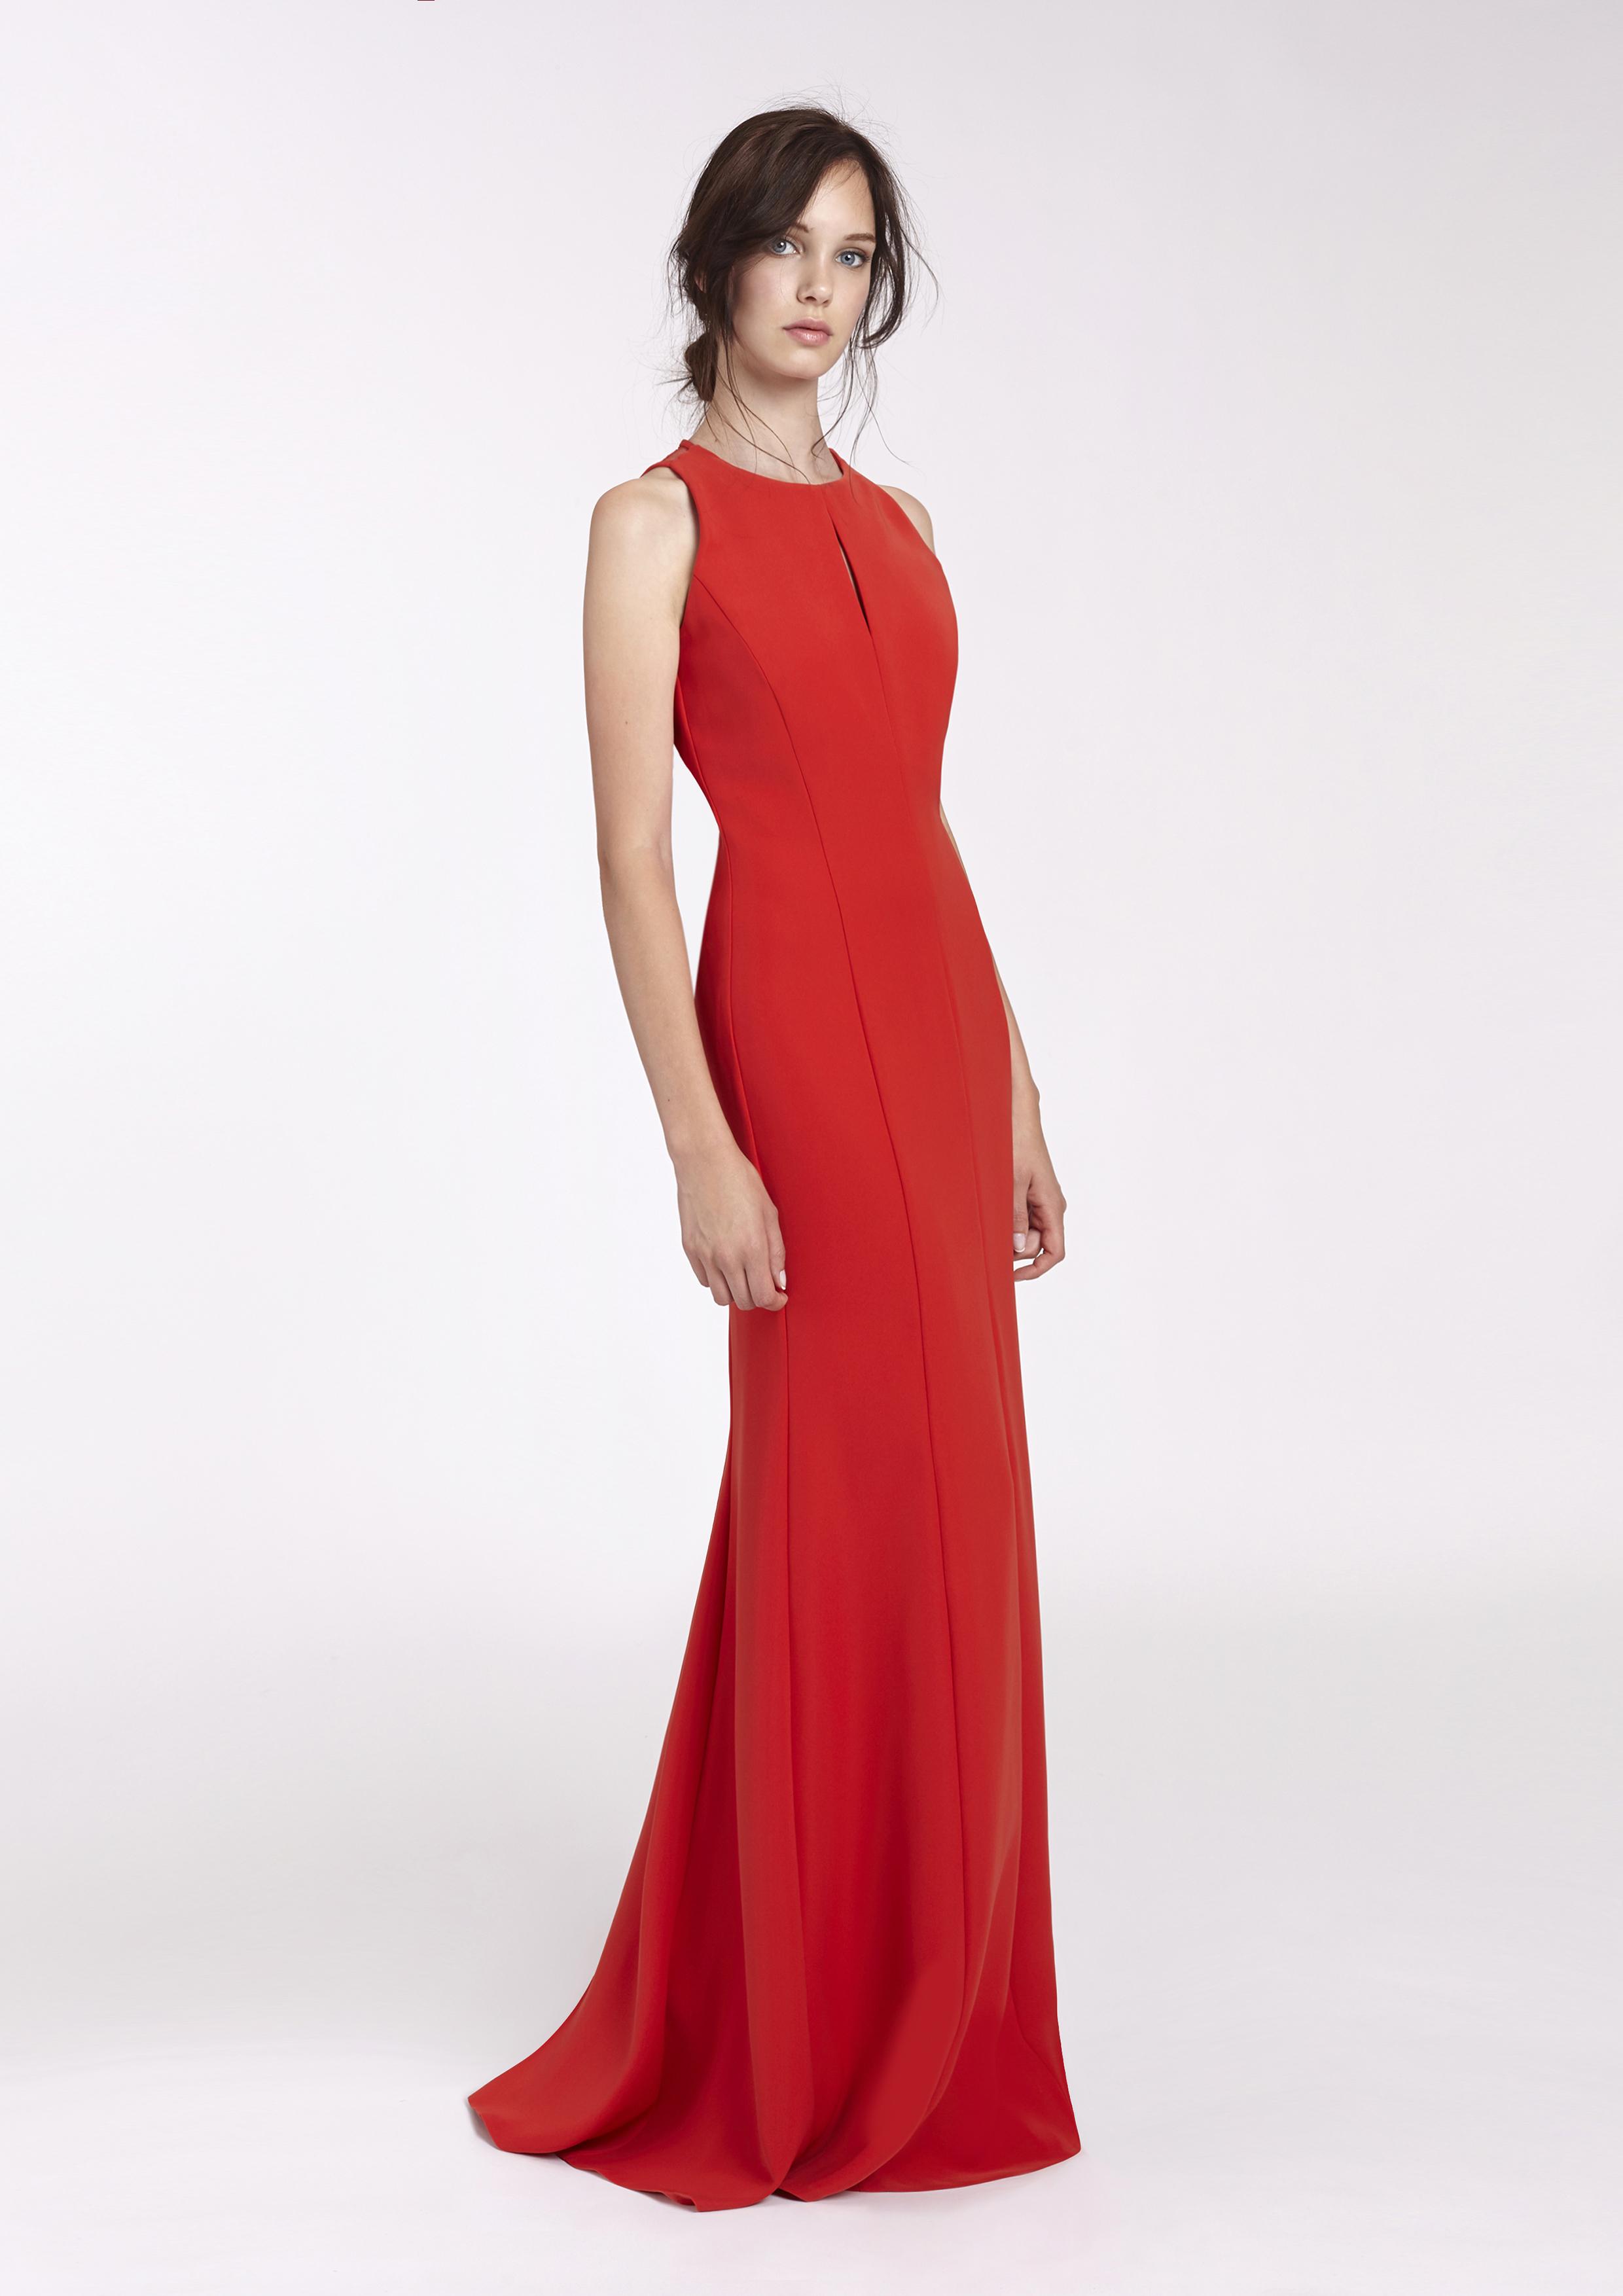 Vestido De Fiesta Rojo De Gasa. Este tipo de vestido que contiene un escote tipo uve, está hecho a base de tela tipo estirable por dentro y tela tipo gasa como cubierta, tiene diseños escotado en la espalda, tiene tirantes, modelo medio plizado en la falda.